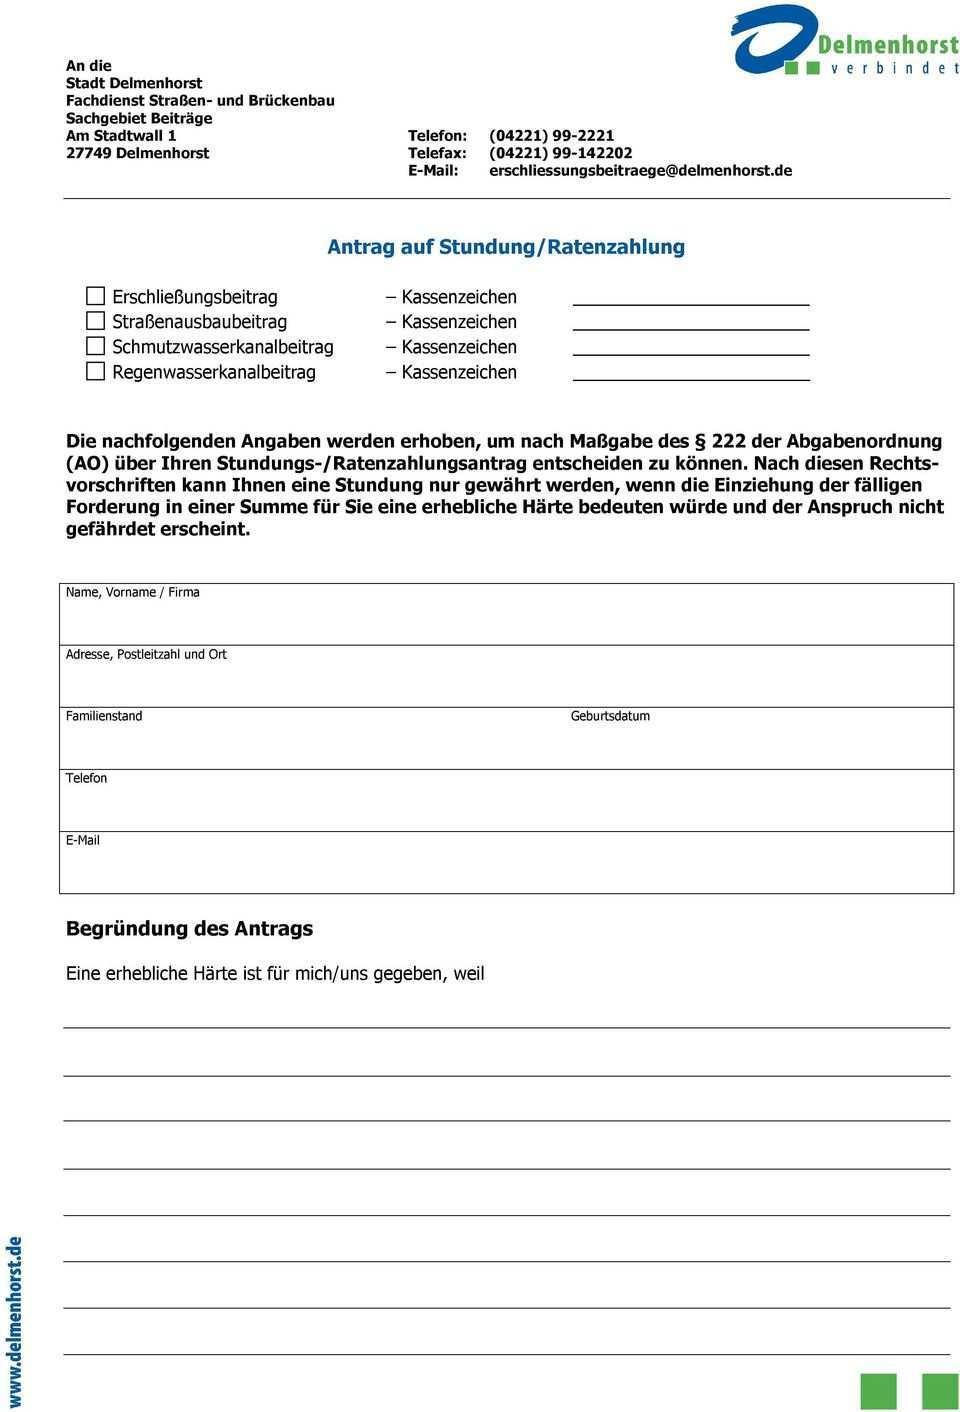 Antrag Auf Stundung Ratenzahlung Pdf Kostenfreier Download